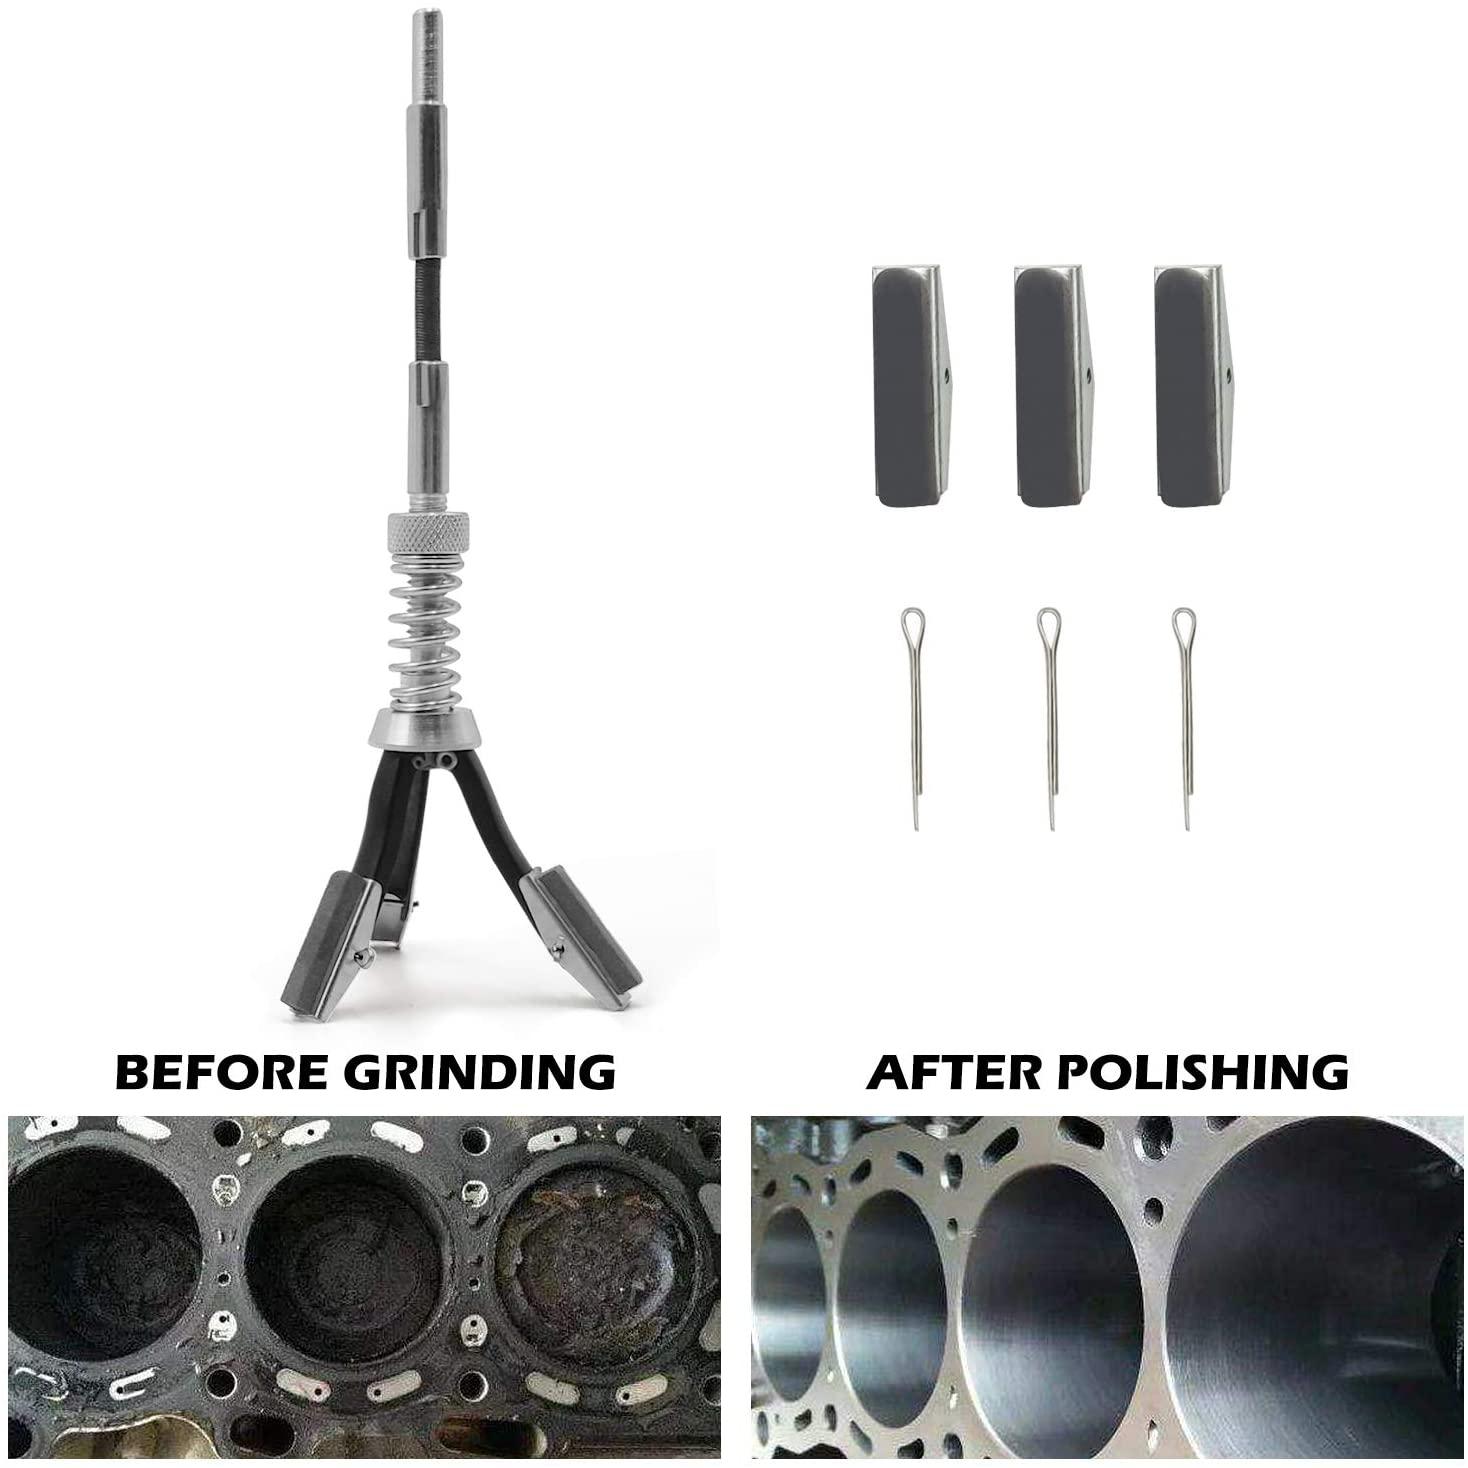 Engine Cylinder Hone Adjustable Deglaze Set for Grinding Holes from 3/4